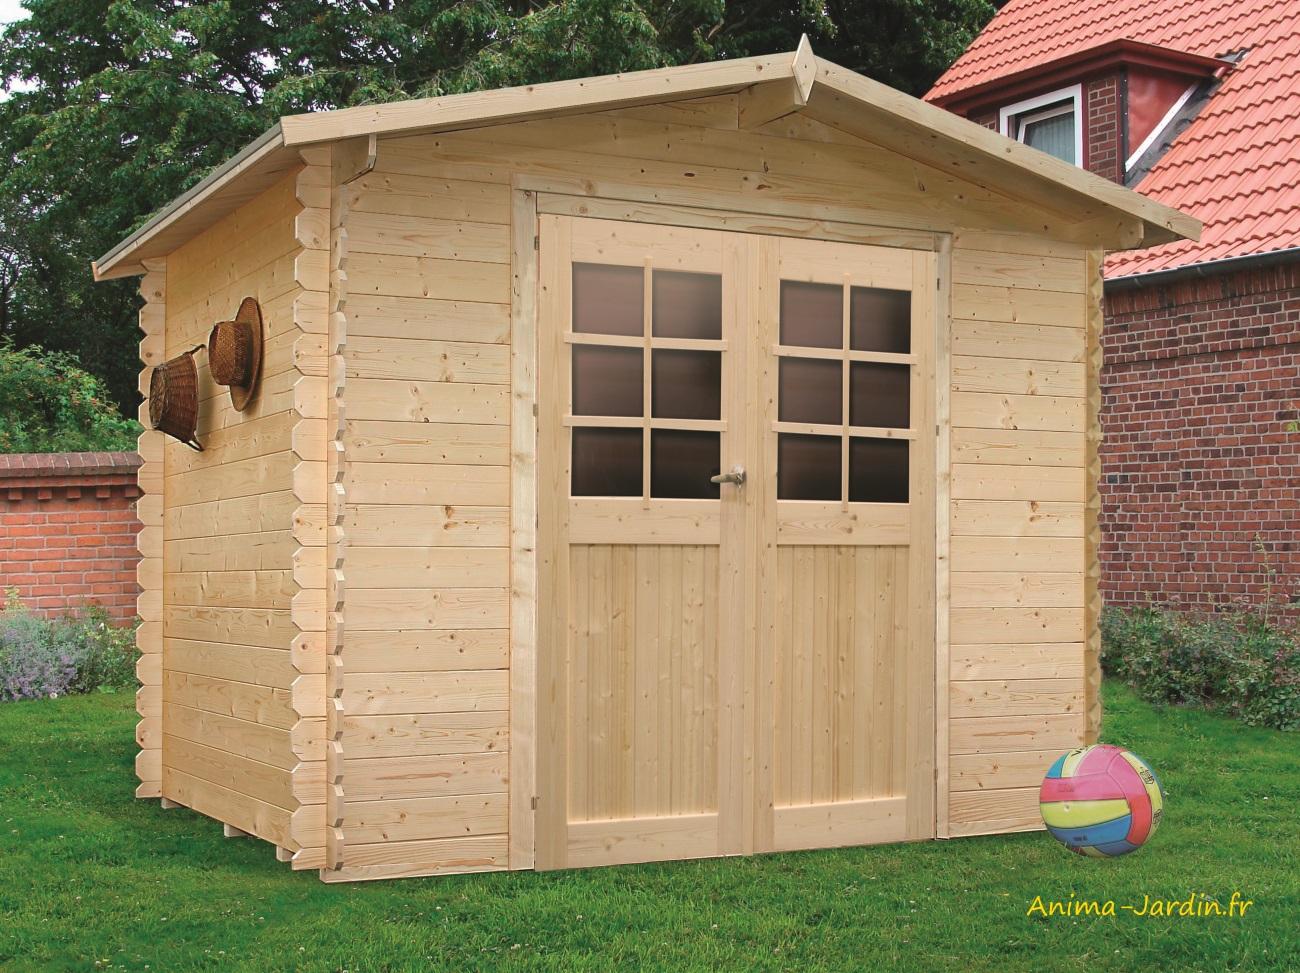 Abri De Jardin En Bois 19Mm, Amberg, 6M², 2 Portes, Solid ... tout Abri De Jardin En Bois Pas Cher